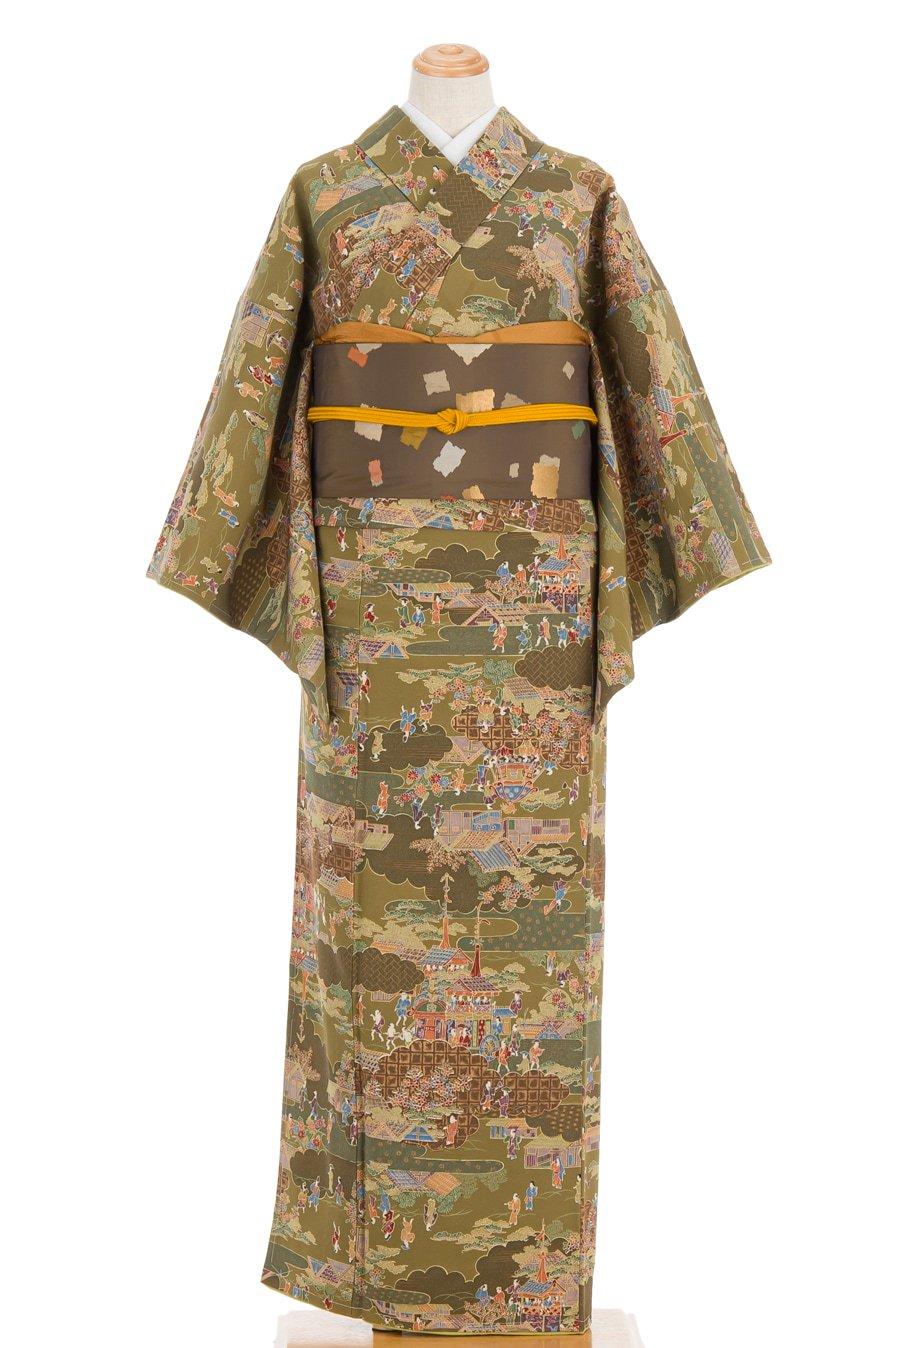 「祇園祭図 山鉾と人々」の商品画像